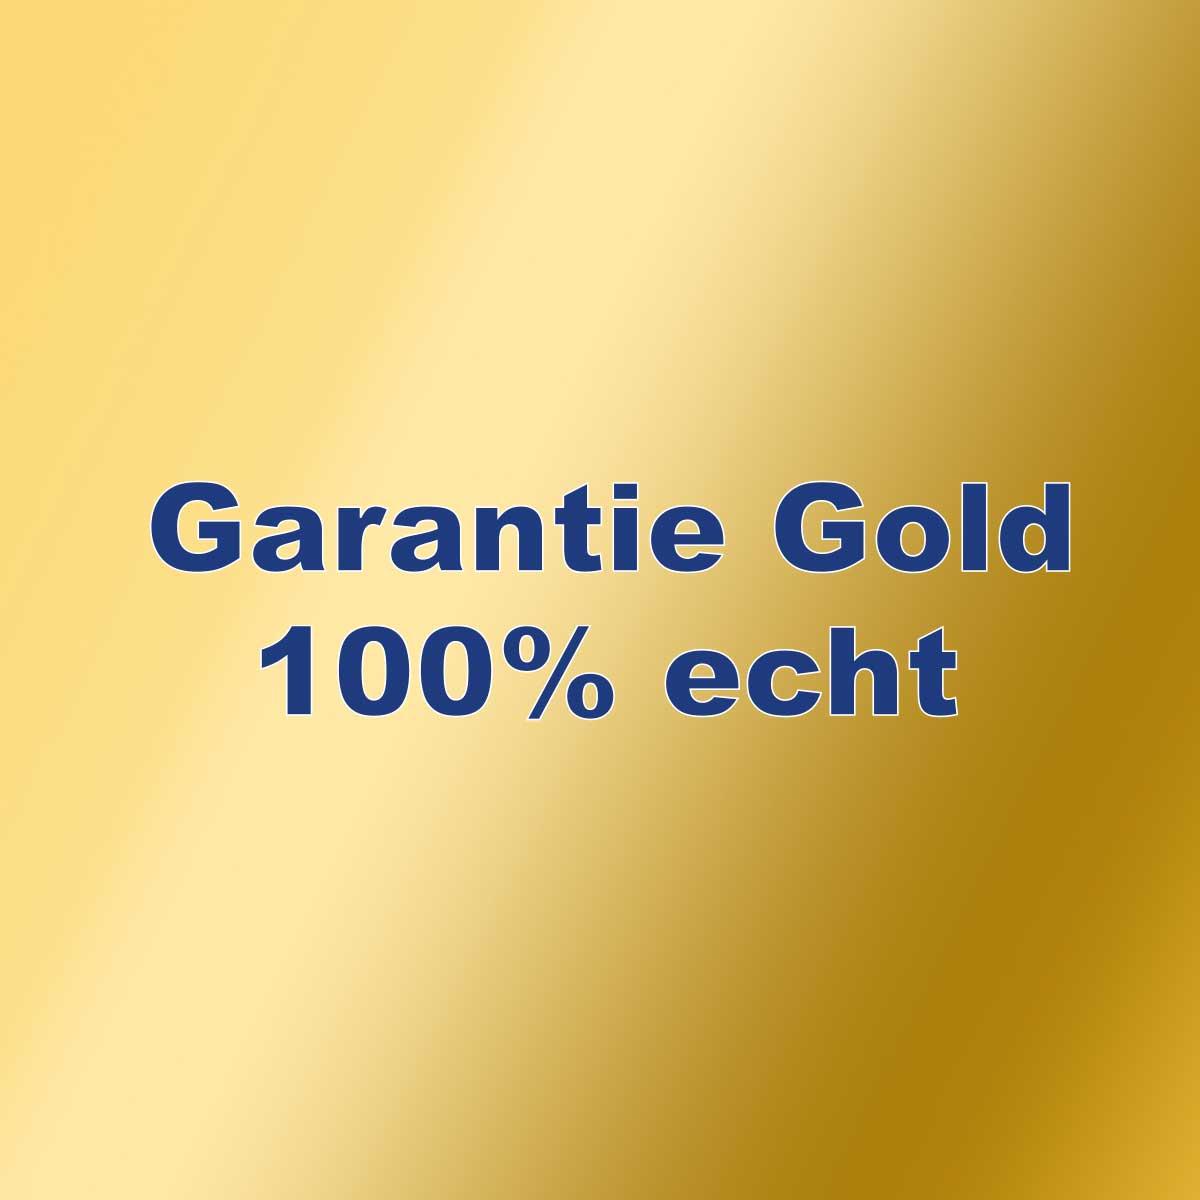 Juerg Siegrist AG - Garantie Gold 100% echt